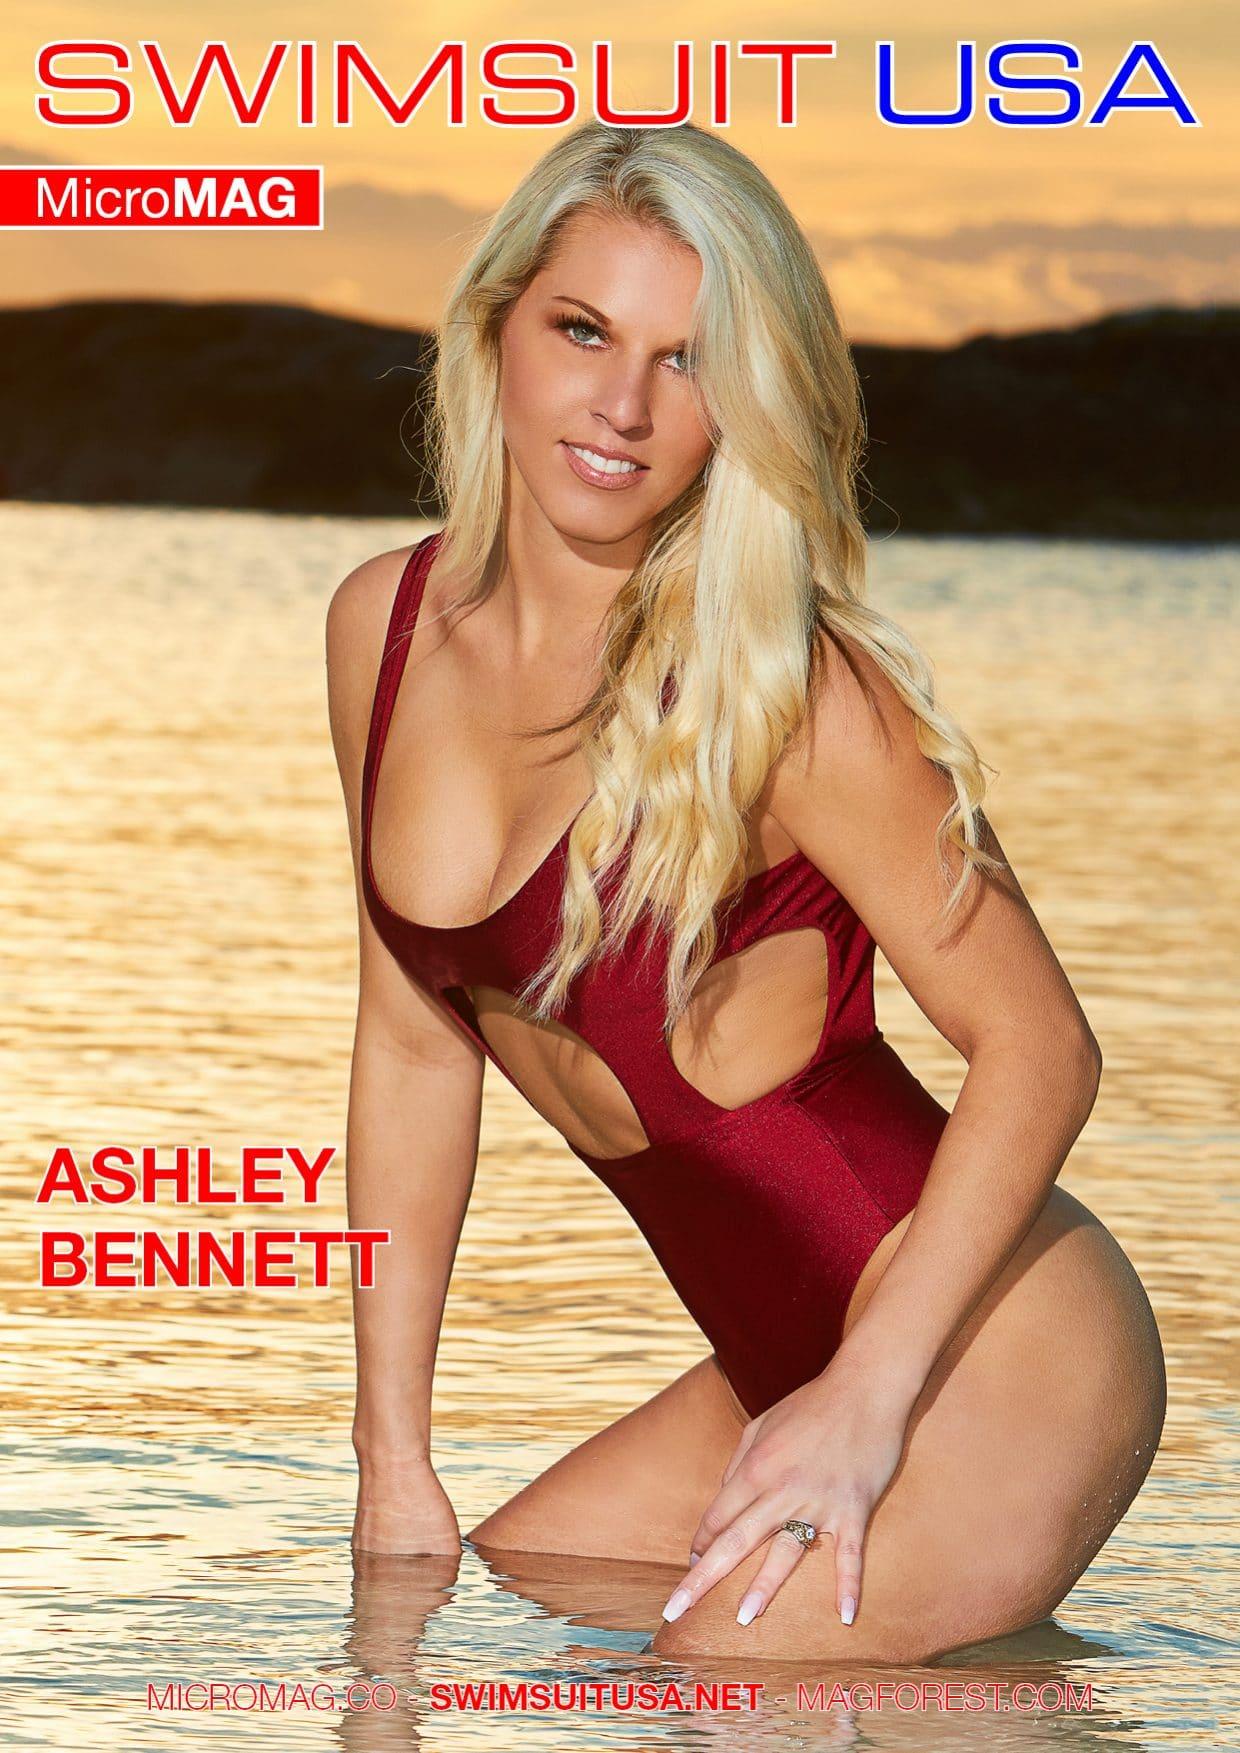 Swimsuit USA MicroMAG - Ashley Bennett 1